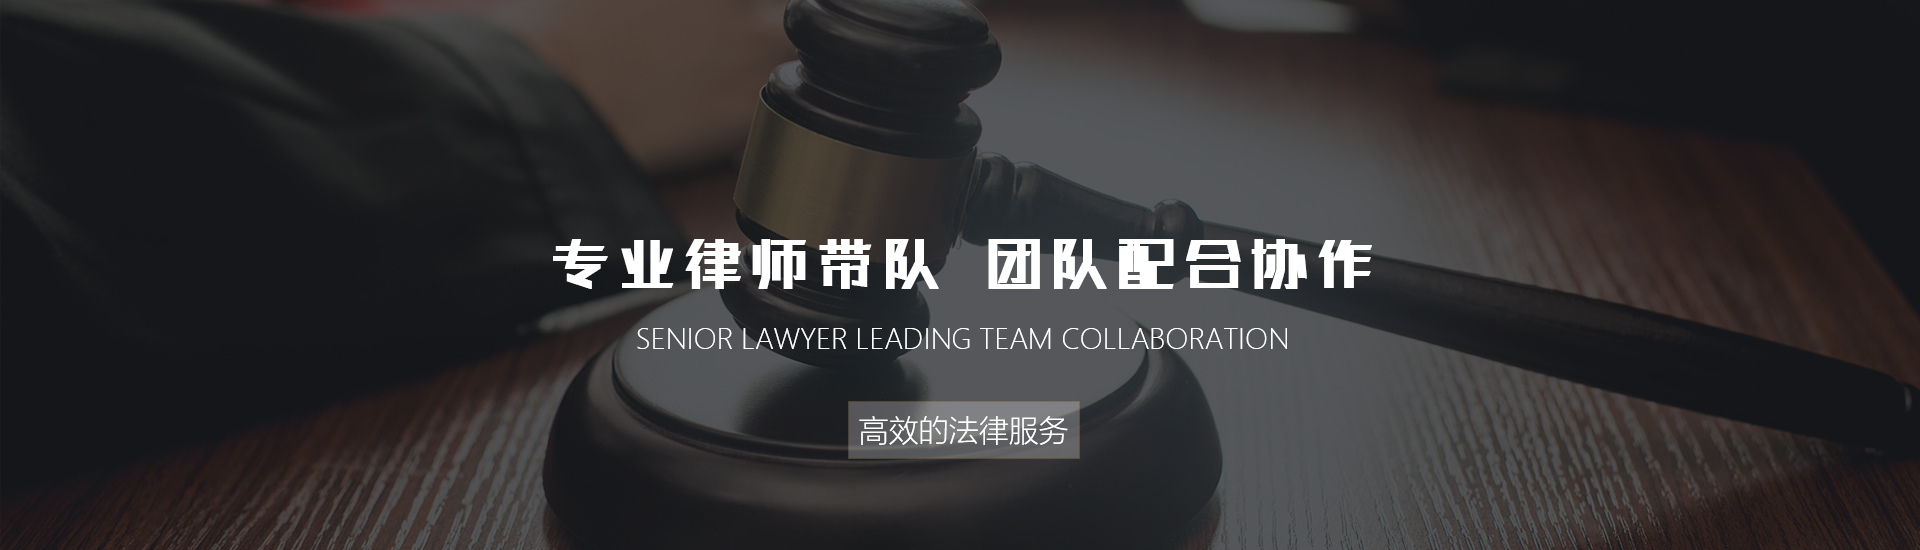 重庆涉外律师